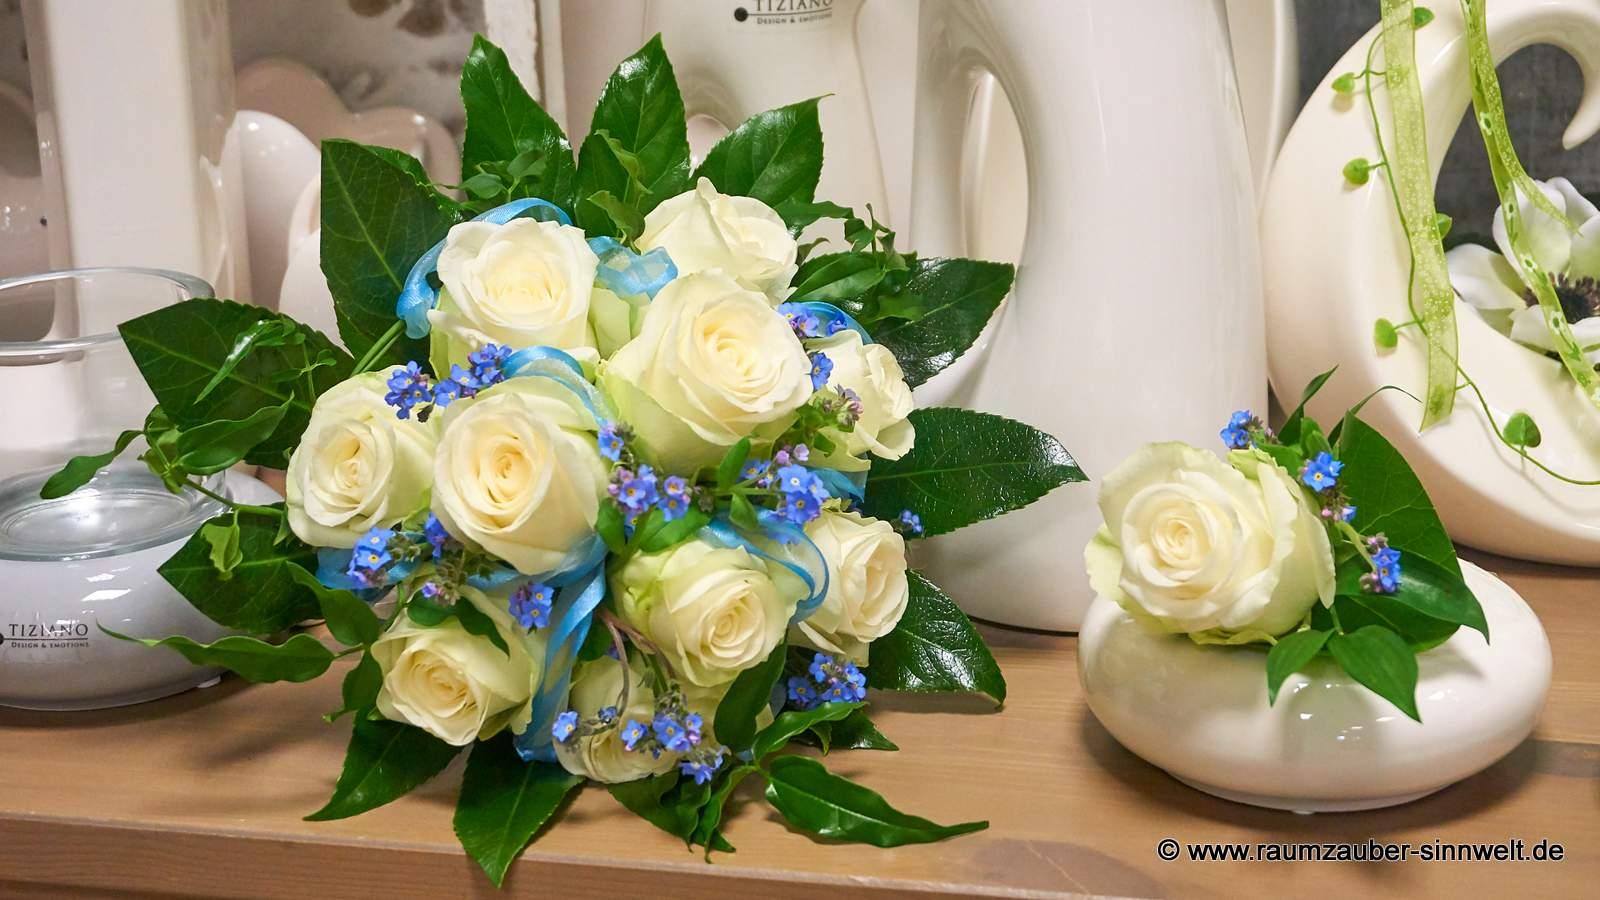 Brautstrauß und Herrenanstecker mit Rosen und Vergissmeinnicht